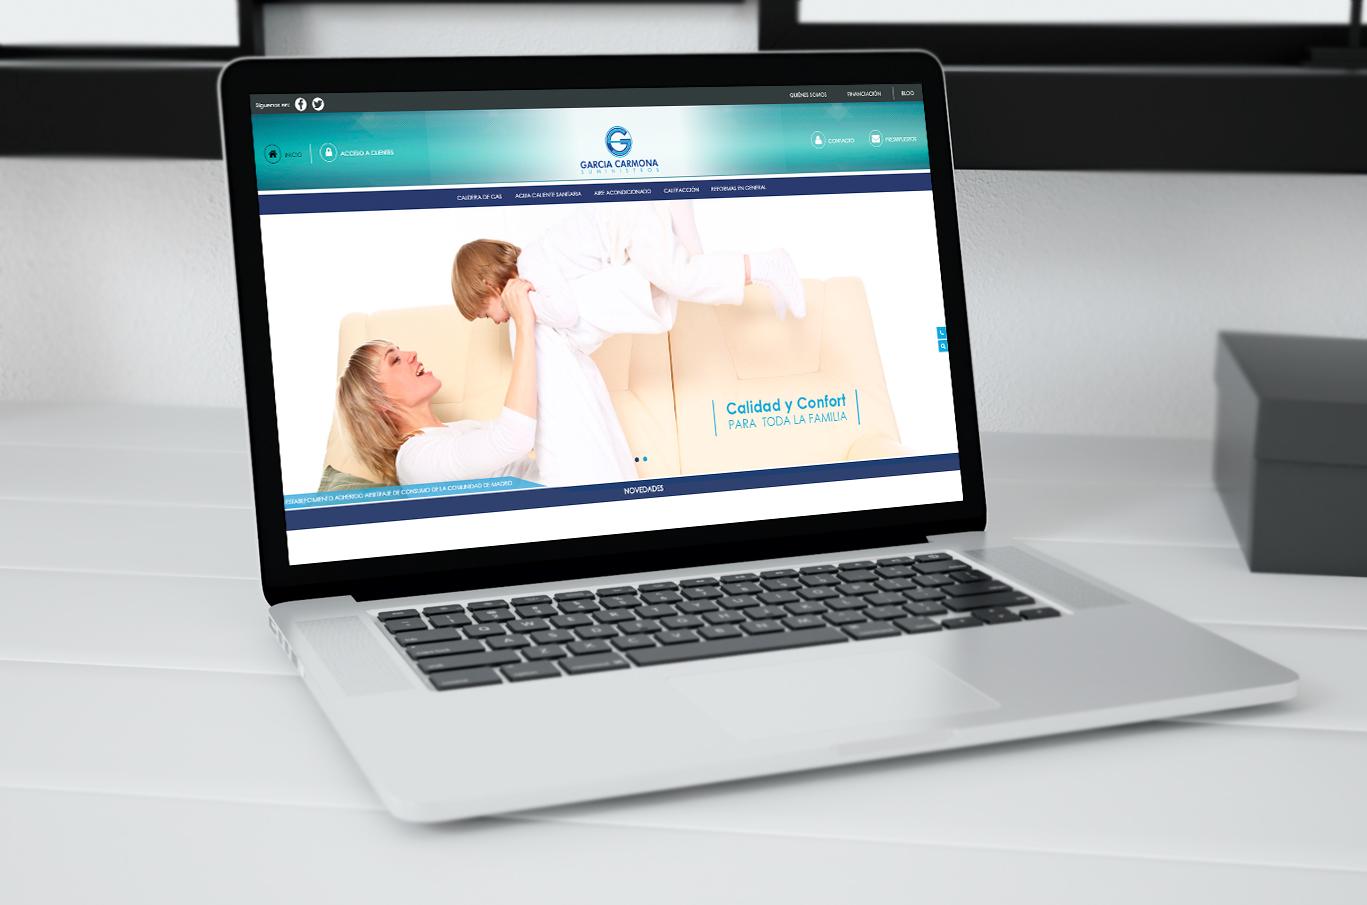 Diseño web Albacete, diseño de tienda online, programación y posicionamiento página web García Carmona Suministros